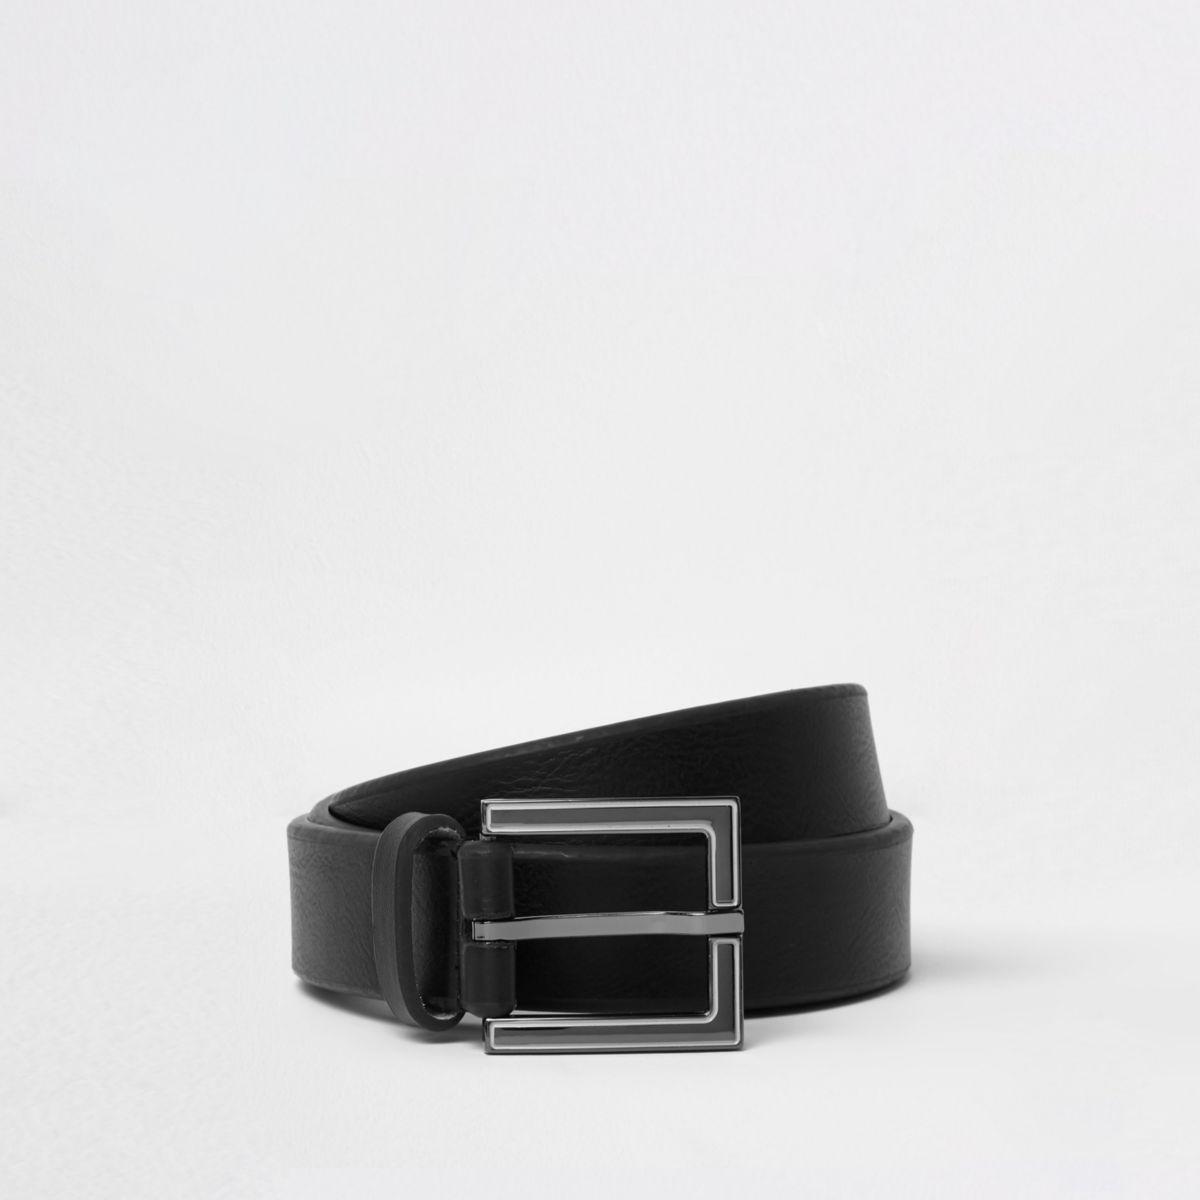 Schwarzer Gürtel mit Emaille-Schnalle